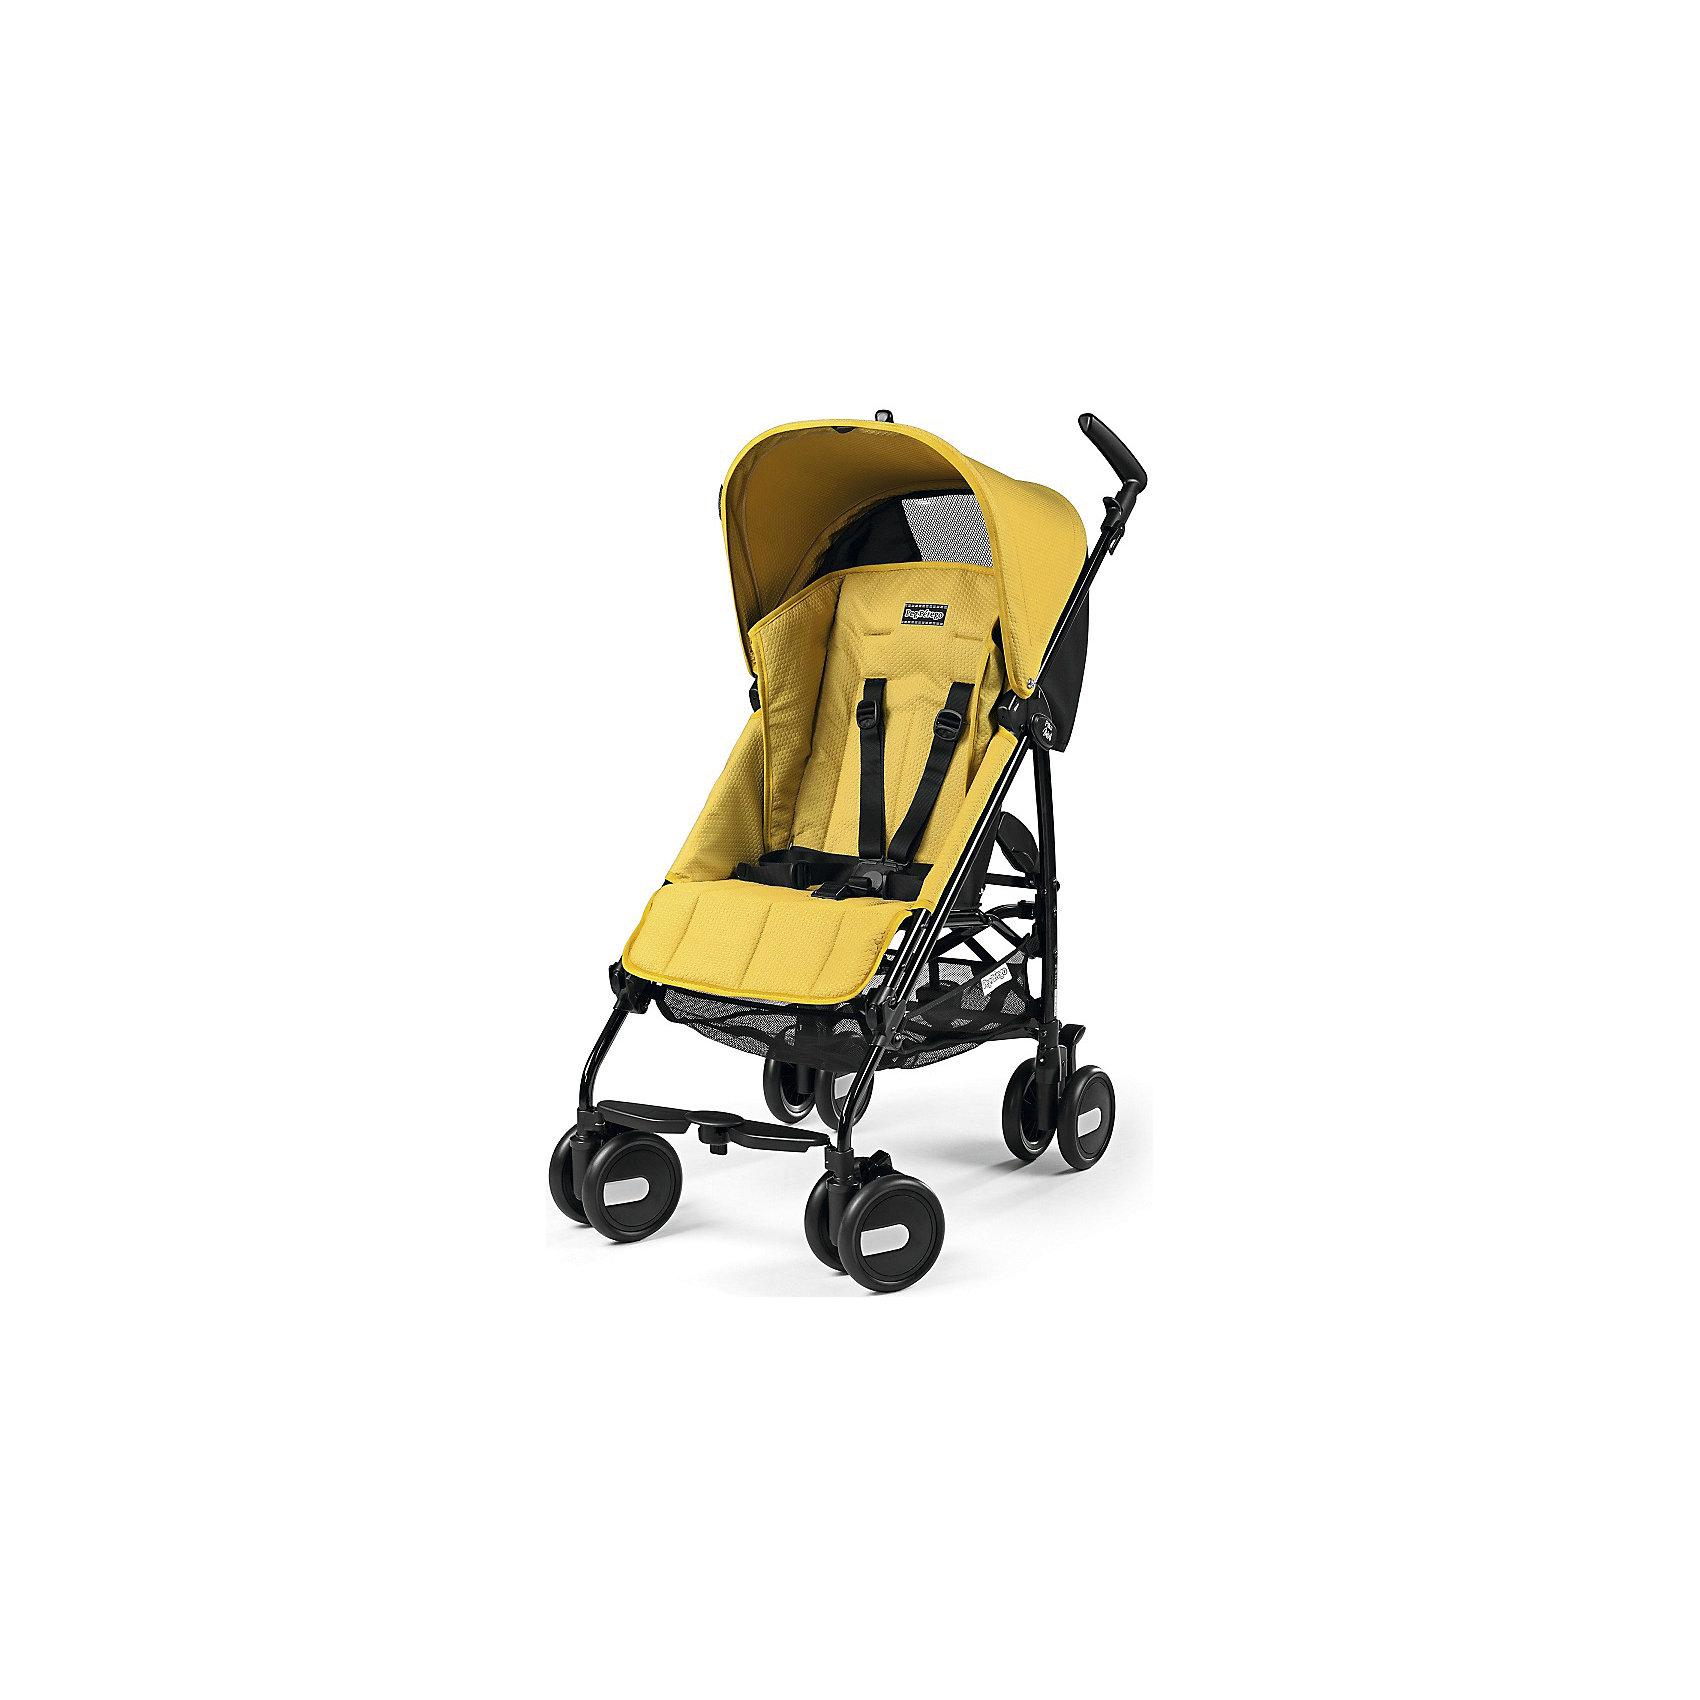 Kоляска-трость Pliko Mini с бампером, Peg-Perego, Mod YellowКоляски-трости<br>Коляска-трость Pliko Mini, Peg-Perego - компактная прогулочная коляска с небольшими габаритами, которая отвечает всем требованиям комфорта и безопасности малыша. Очень практична для использования в любой ситуации. Коляска оснащена удобным для ребенка сиденьем с мягкими 5- точечными ремнями безопасности. Дополнительно можно приобрести мягкий съемный бампер (отдельно бампер без коляски не продается!). Спинка легко раскладывается в 3 положениях вплоть до горизонтального. Опора для ножек регулируется, что обеспечивает<br>малышу правильную осанку. Большой капюшон со смотровым окном защитит от солнца и дождя.  <br><br>Для родителей предусмотрены удобные ручки и вместительная корзина для принадлежностей малыша. Коляска оснащена 4 двойными колесами (передние - поворотные с возможностью фиксации, задние - с тормозом). Благодаря узкой колесной базе коляска без труда преодолевает<br>даже самые узкие проемы дверей, лифтов и турникетов. Легко и компактно складывается тростью, что позволяет использовать ее во время поездок и путешествий. Обивку можно снимать и стирать. Подходит для детей от 6 мес. до 3 лет.<br><br><br>Особенности:<br><br>- удобна для транспортировки и хранения;<br>- объемный капюшон от солнца и дождя;<br>- спинка сиденья регулируется 3 положениях;<br>- регулируемая подножка; <br>- корзина для вещей ребенка;<br>- передние поворотные колеса с возможностью фиксации;<br>- узкая колесная база;<br>- легко и компактно складывается тростью.<br><br><br>Дополнительная информация:<br><br>- Цвет: Mod Yellow.<br>- Материал: текстиль, металл, пластик.<br>- Диаметр колес: 14,6 см.<br>- Максимальная длина спального места: 87 см.<br>- Размер в разложенном виде: 84 х 50 х 101 см.<br>- Размер в сложенном виде: 34 х 32 х 94 см.<br>- Вес: 5,7 кг.<br><br>Коляску-трость Pliko Mini + бампер передний, Peg-Perego можно купить в нашем интернет-магазине.<br><br>Ширина мм: 1005<br>Глубина мм: 280<br>Высота мм: 270<